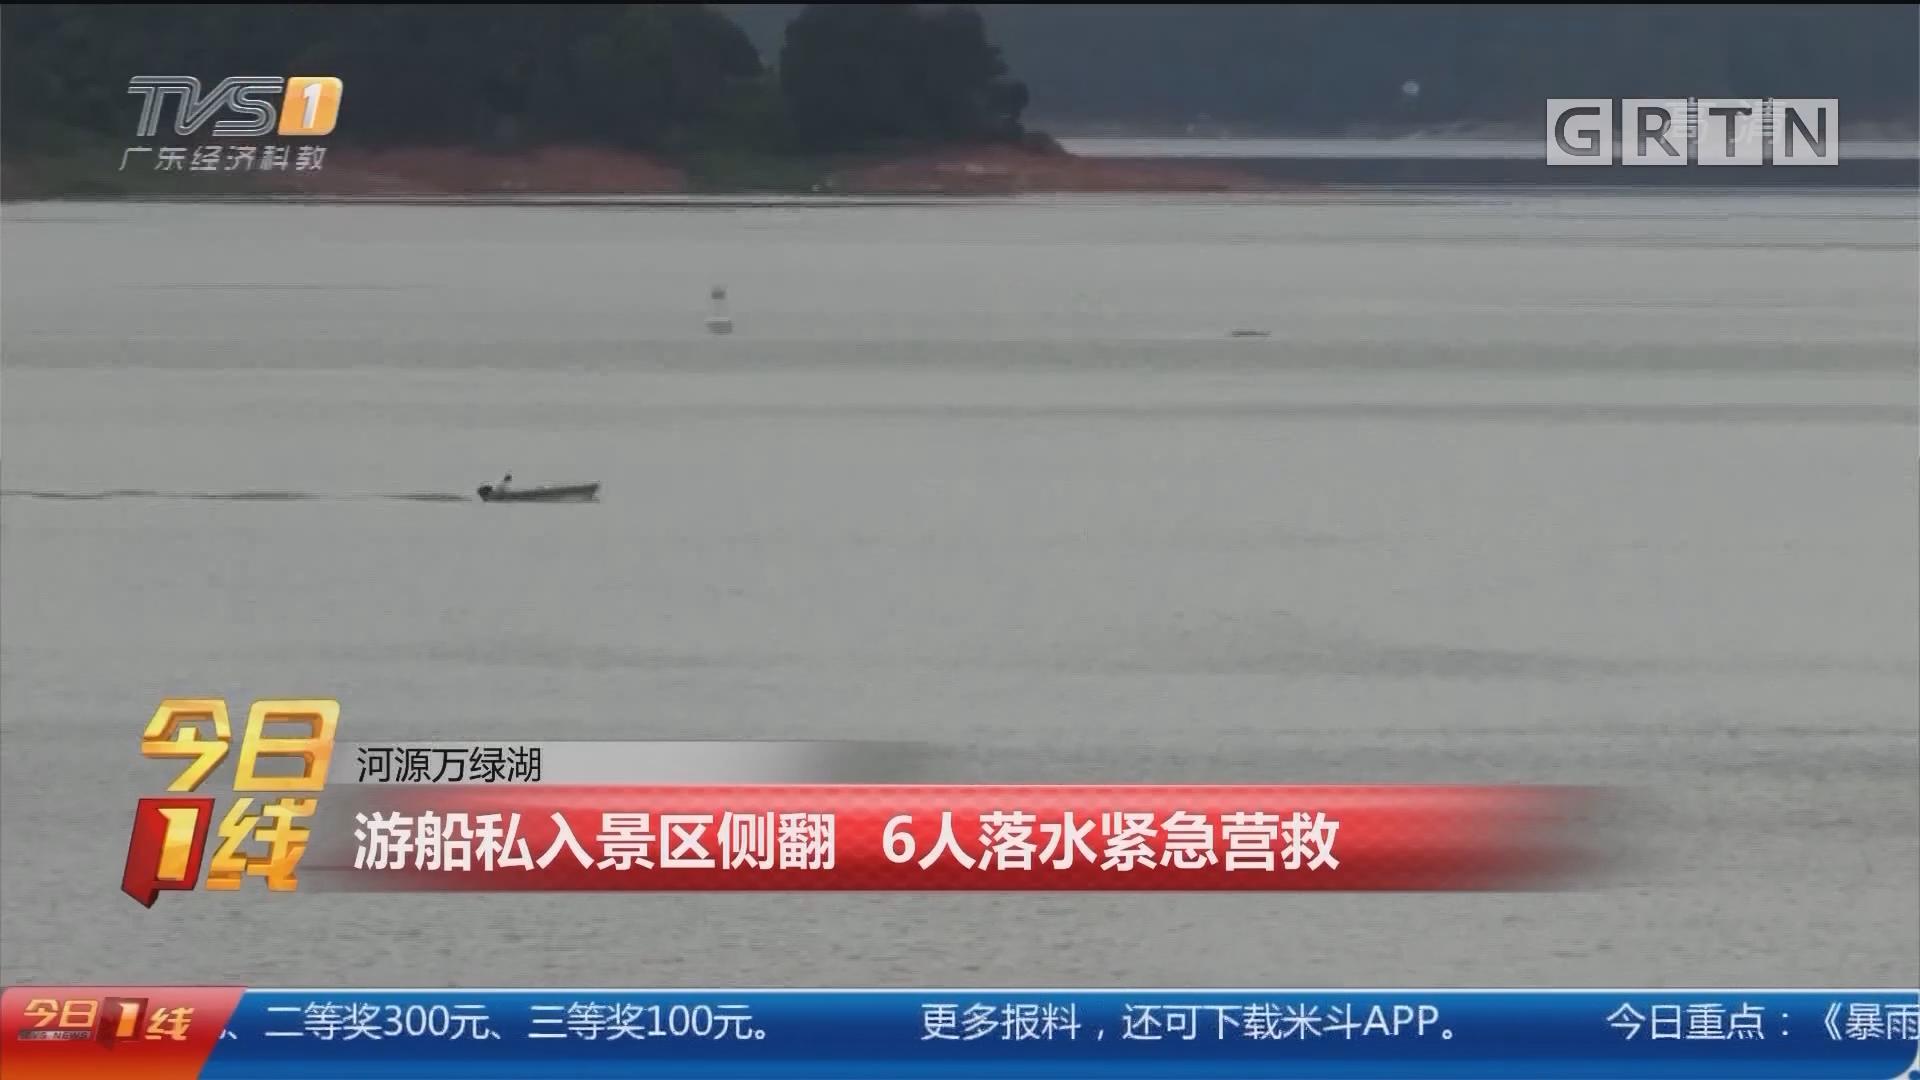 河源万绿湖:游船私入景区侧翻 6人落水紧急营救